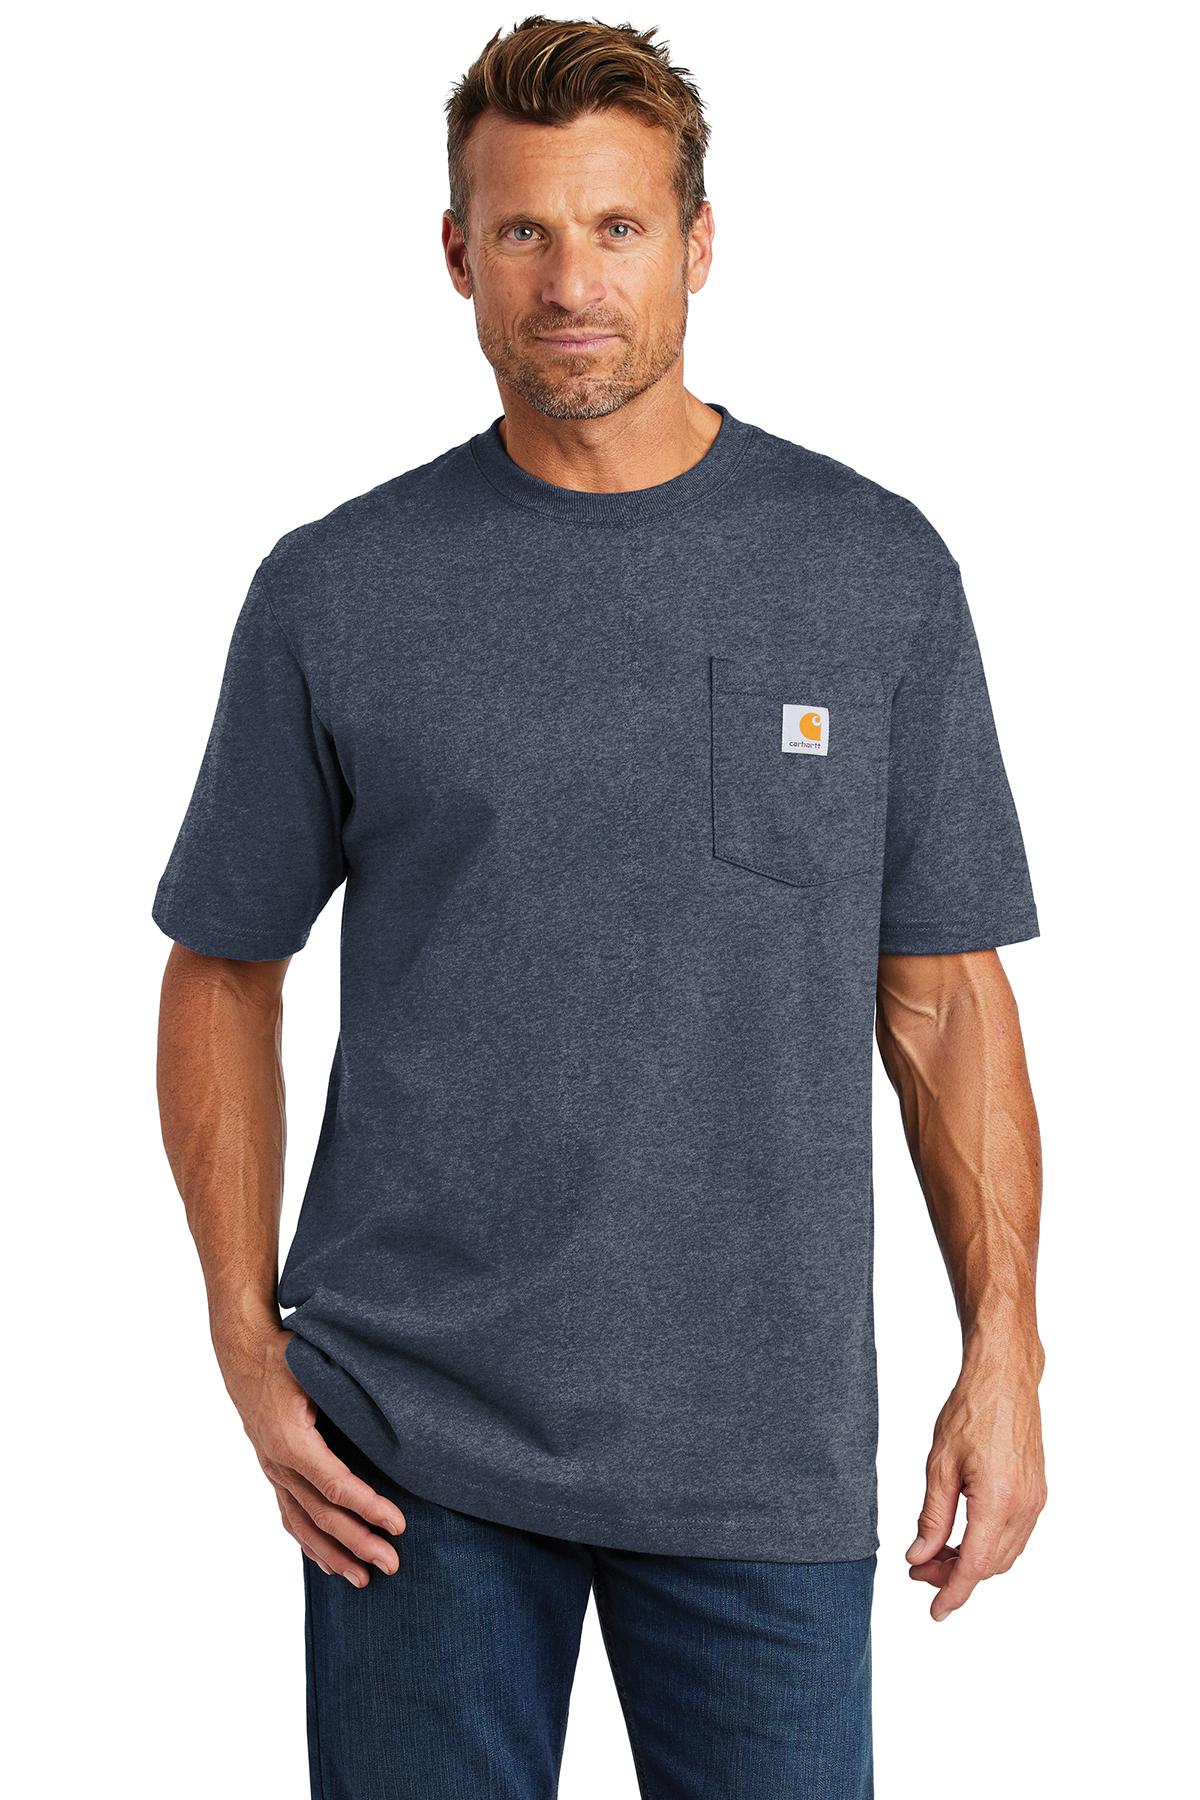 ceddad8e8e Carhartt® CTTK87 - Tall Workwear Pocket Short Sleeve T-Shirt $18.38 ...